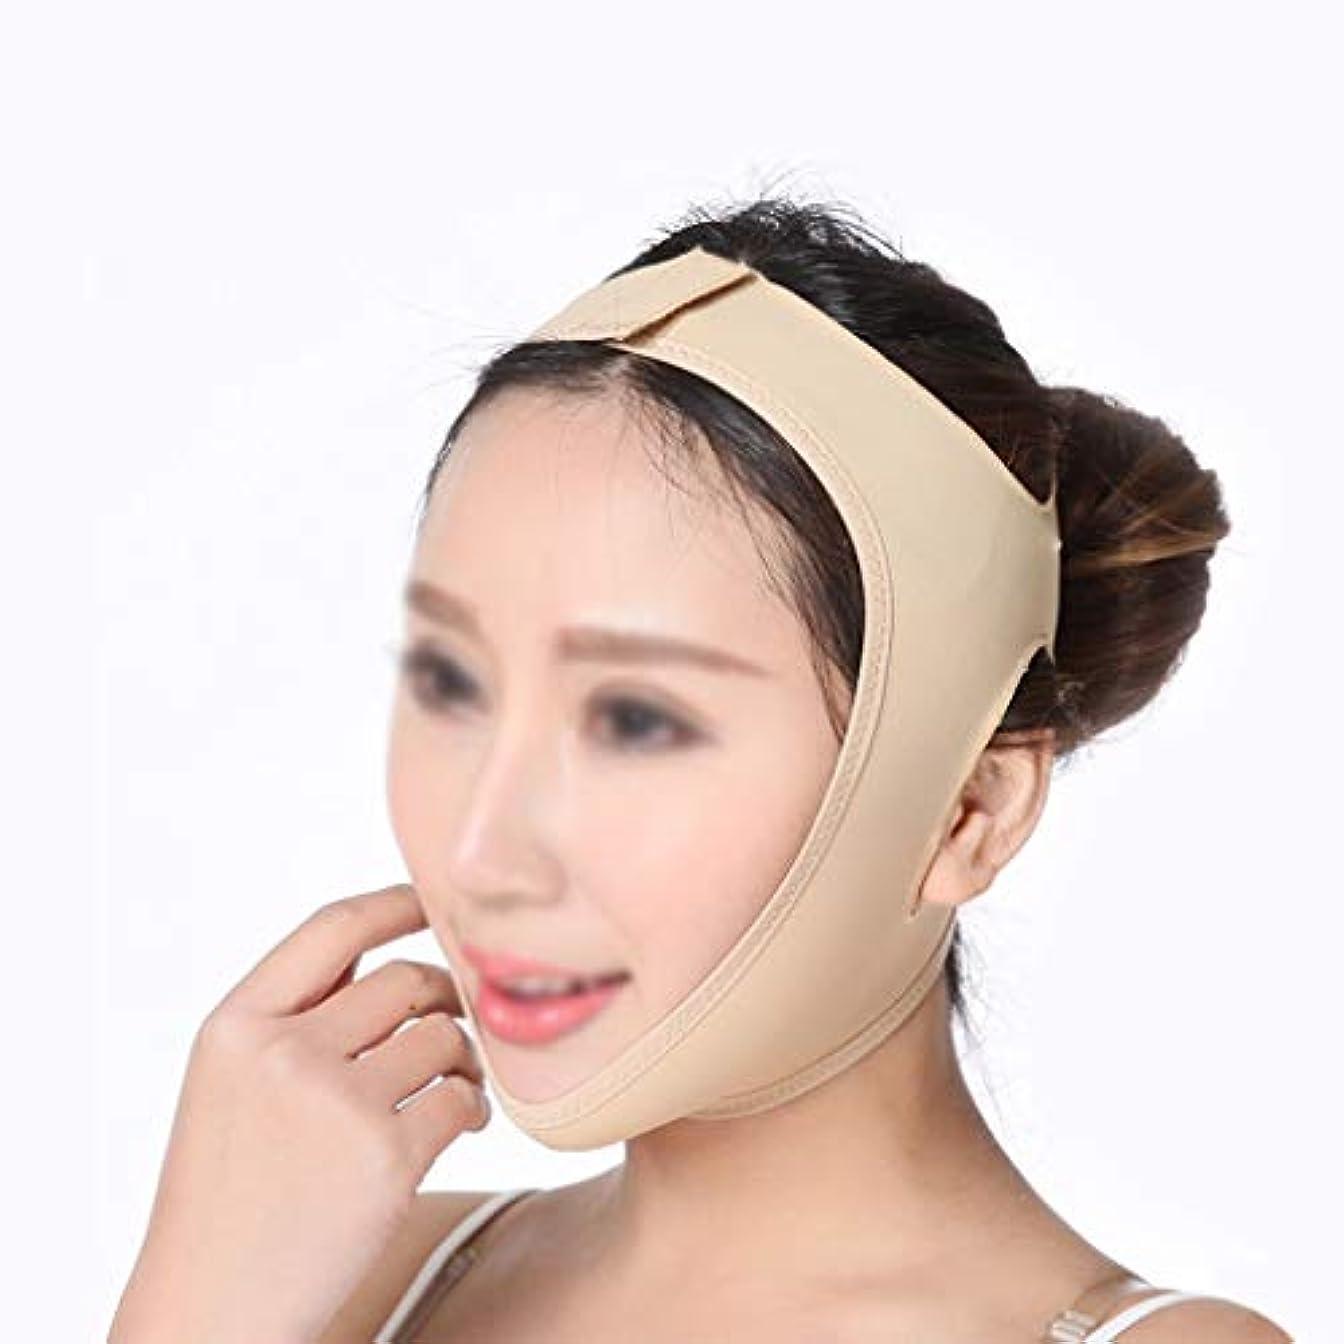 苦行誘惑する憂鬱XHLMRMJ フェイシャルチークリフティングマスク、ダブルチンとフェイス、フェイスリフト包帯を効果的に改善、ダブルチン を減らす (Size : L)